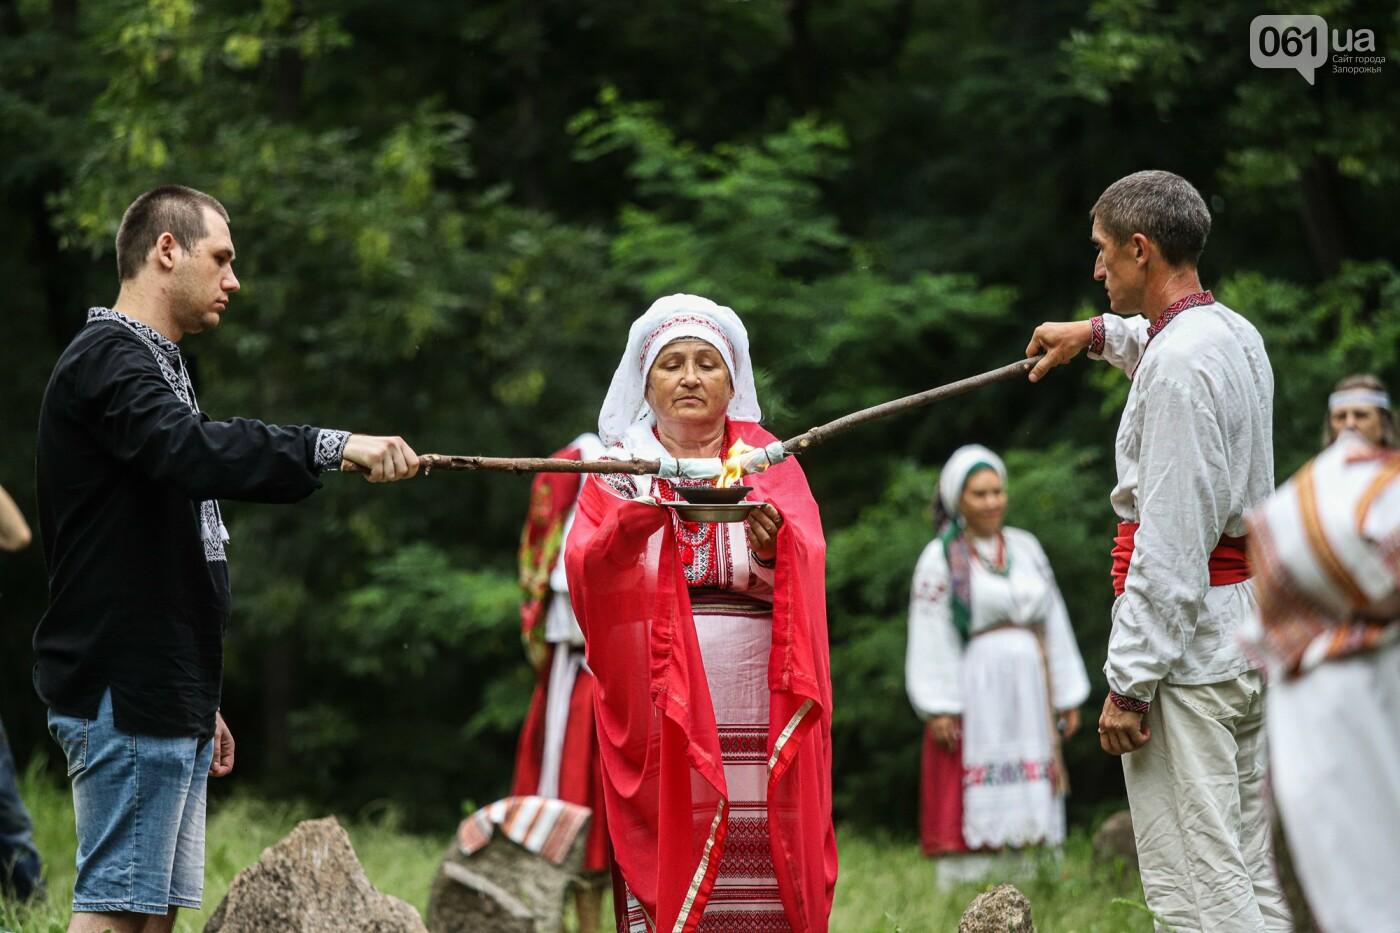 Огонь и дубовые венки: как на Хортице отметили праздник Перуна, - ФОТОРЕПОРТАЖ, фото-18